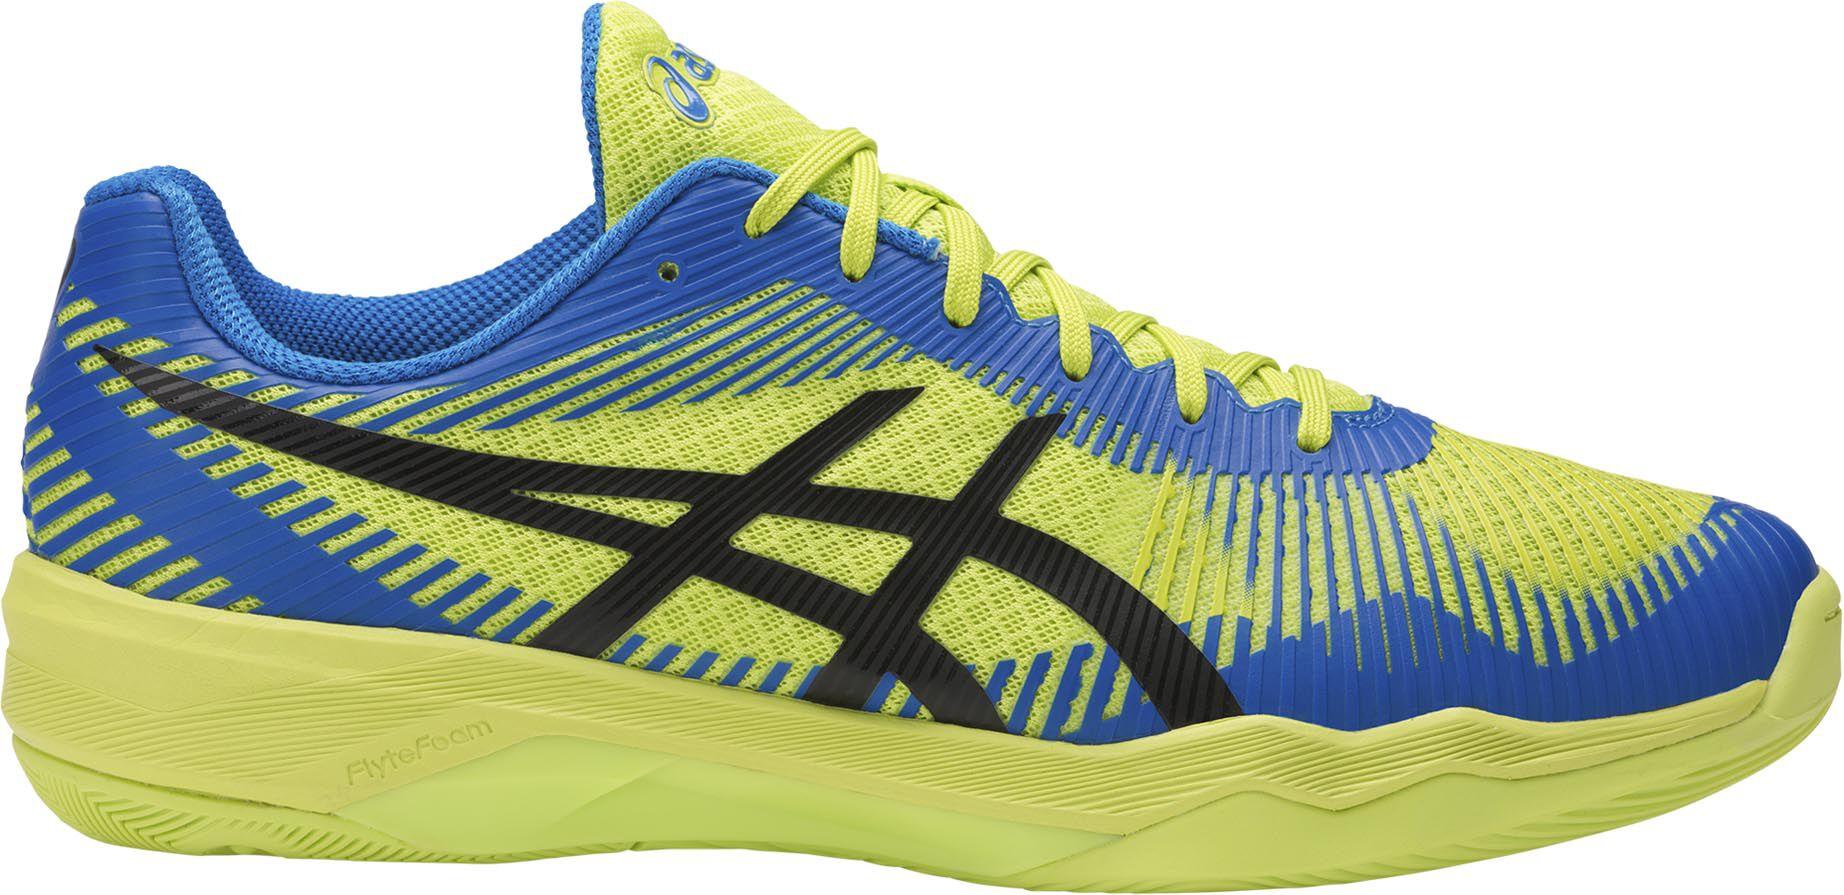 nieuwe asics volleybalschoenen